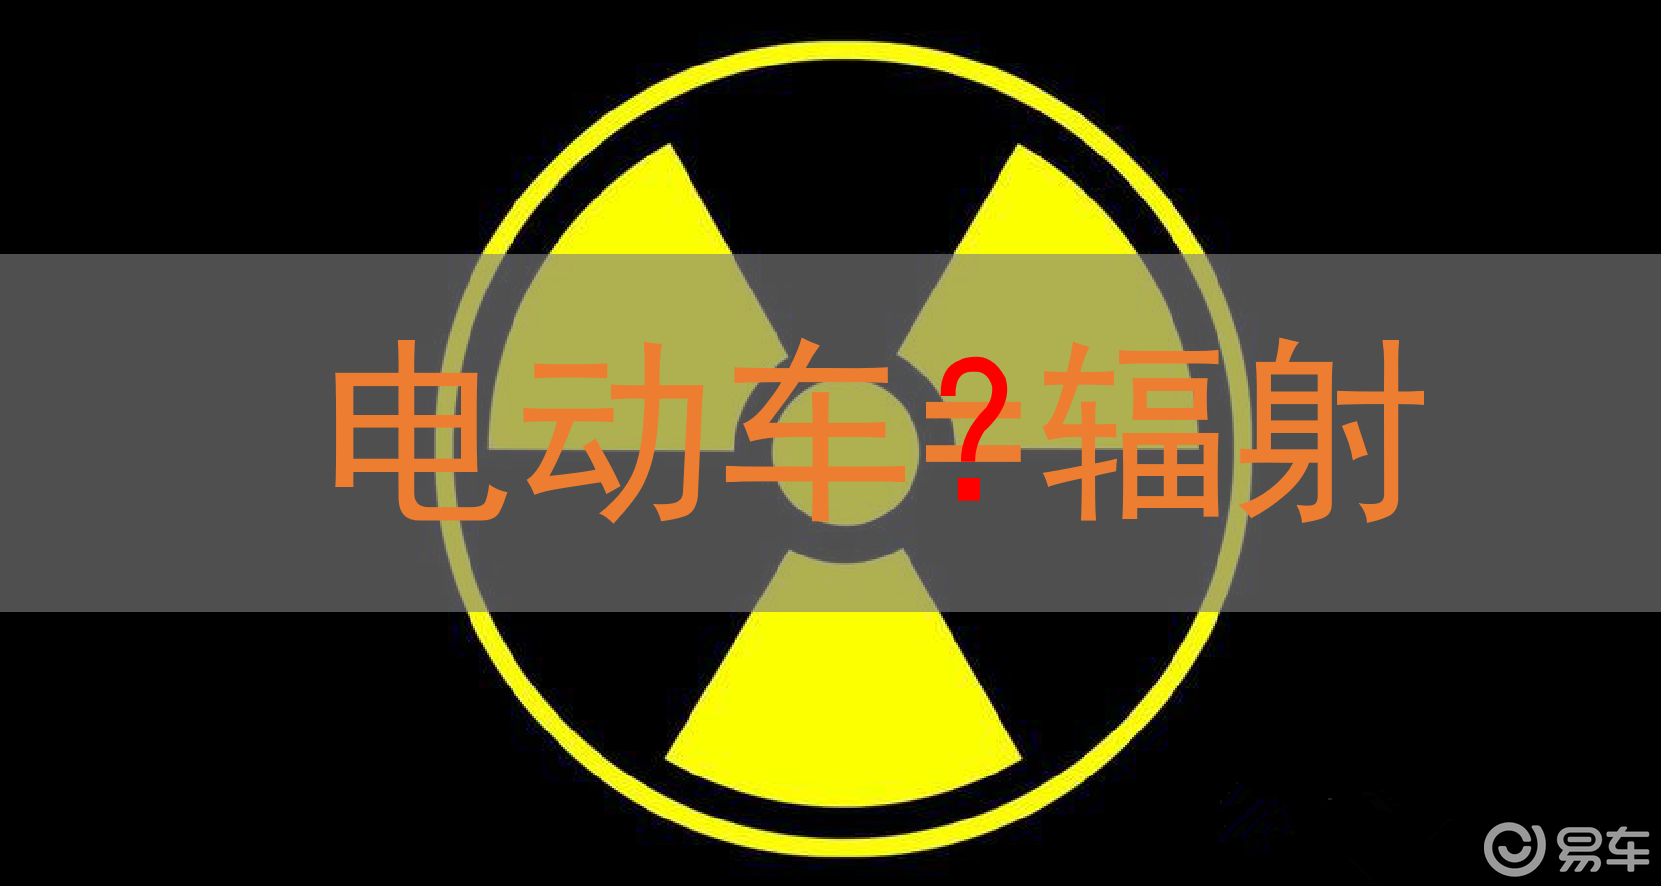 大家都在担忧电动车辐射,但你真正了解了吗?